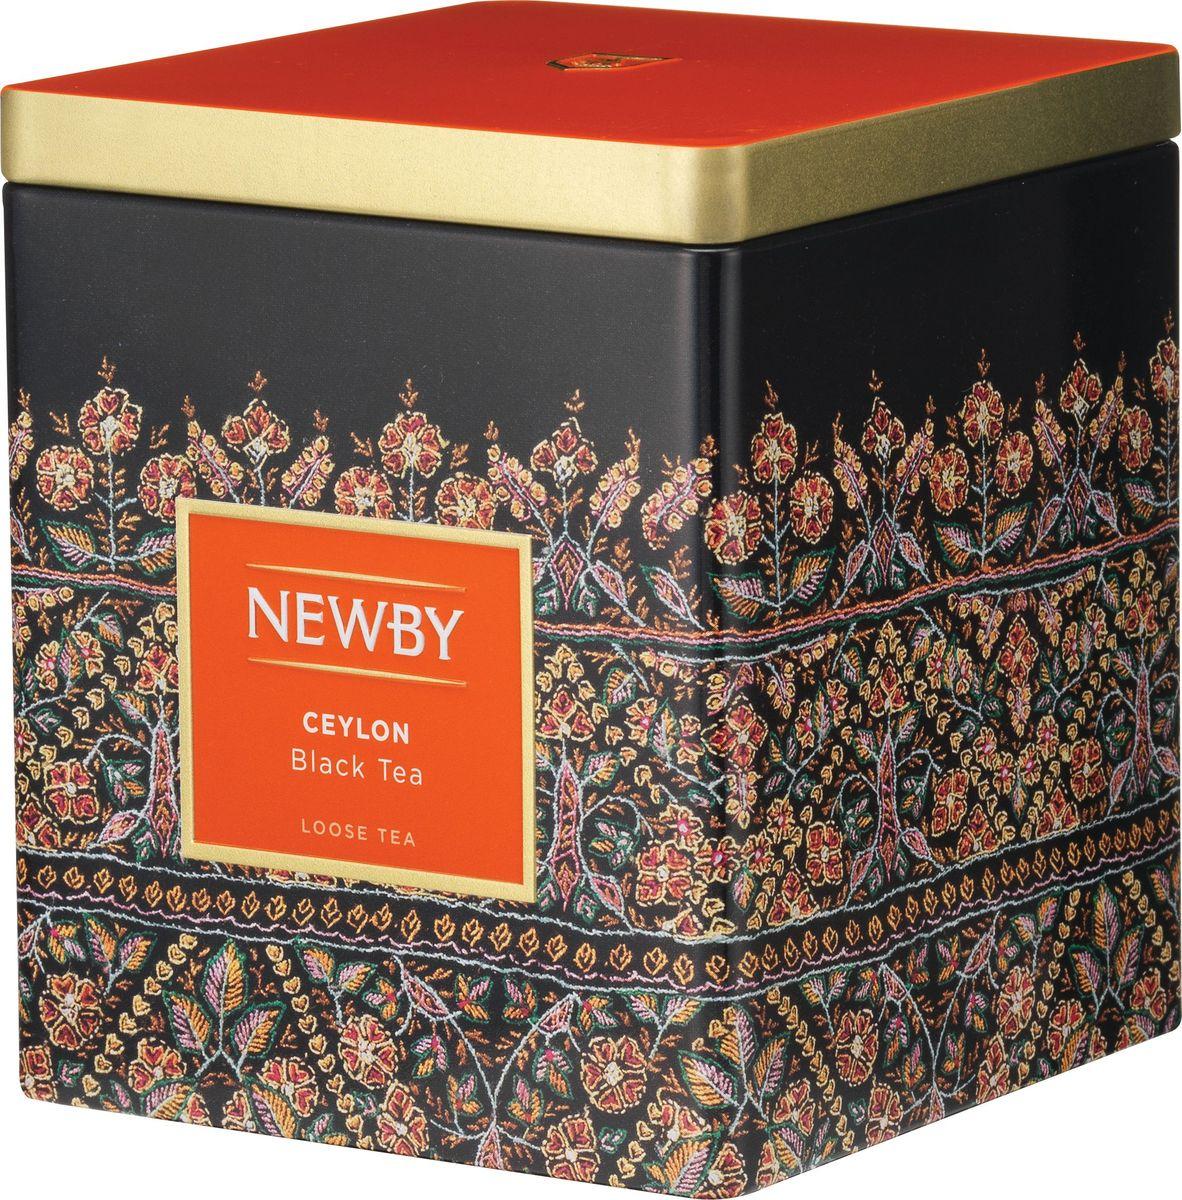 Newby Ceylon черный листовой чай, 125 г цена в Москве и Питере